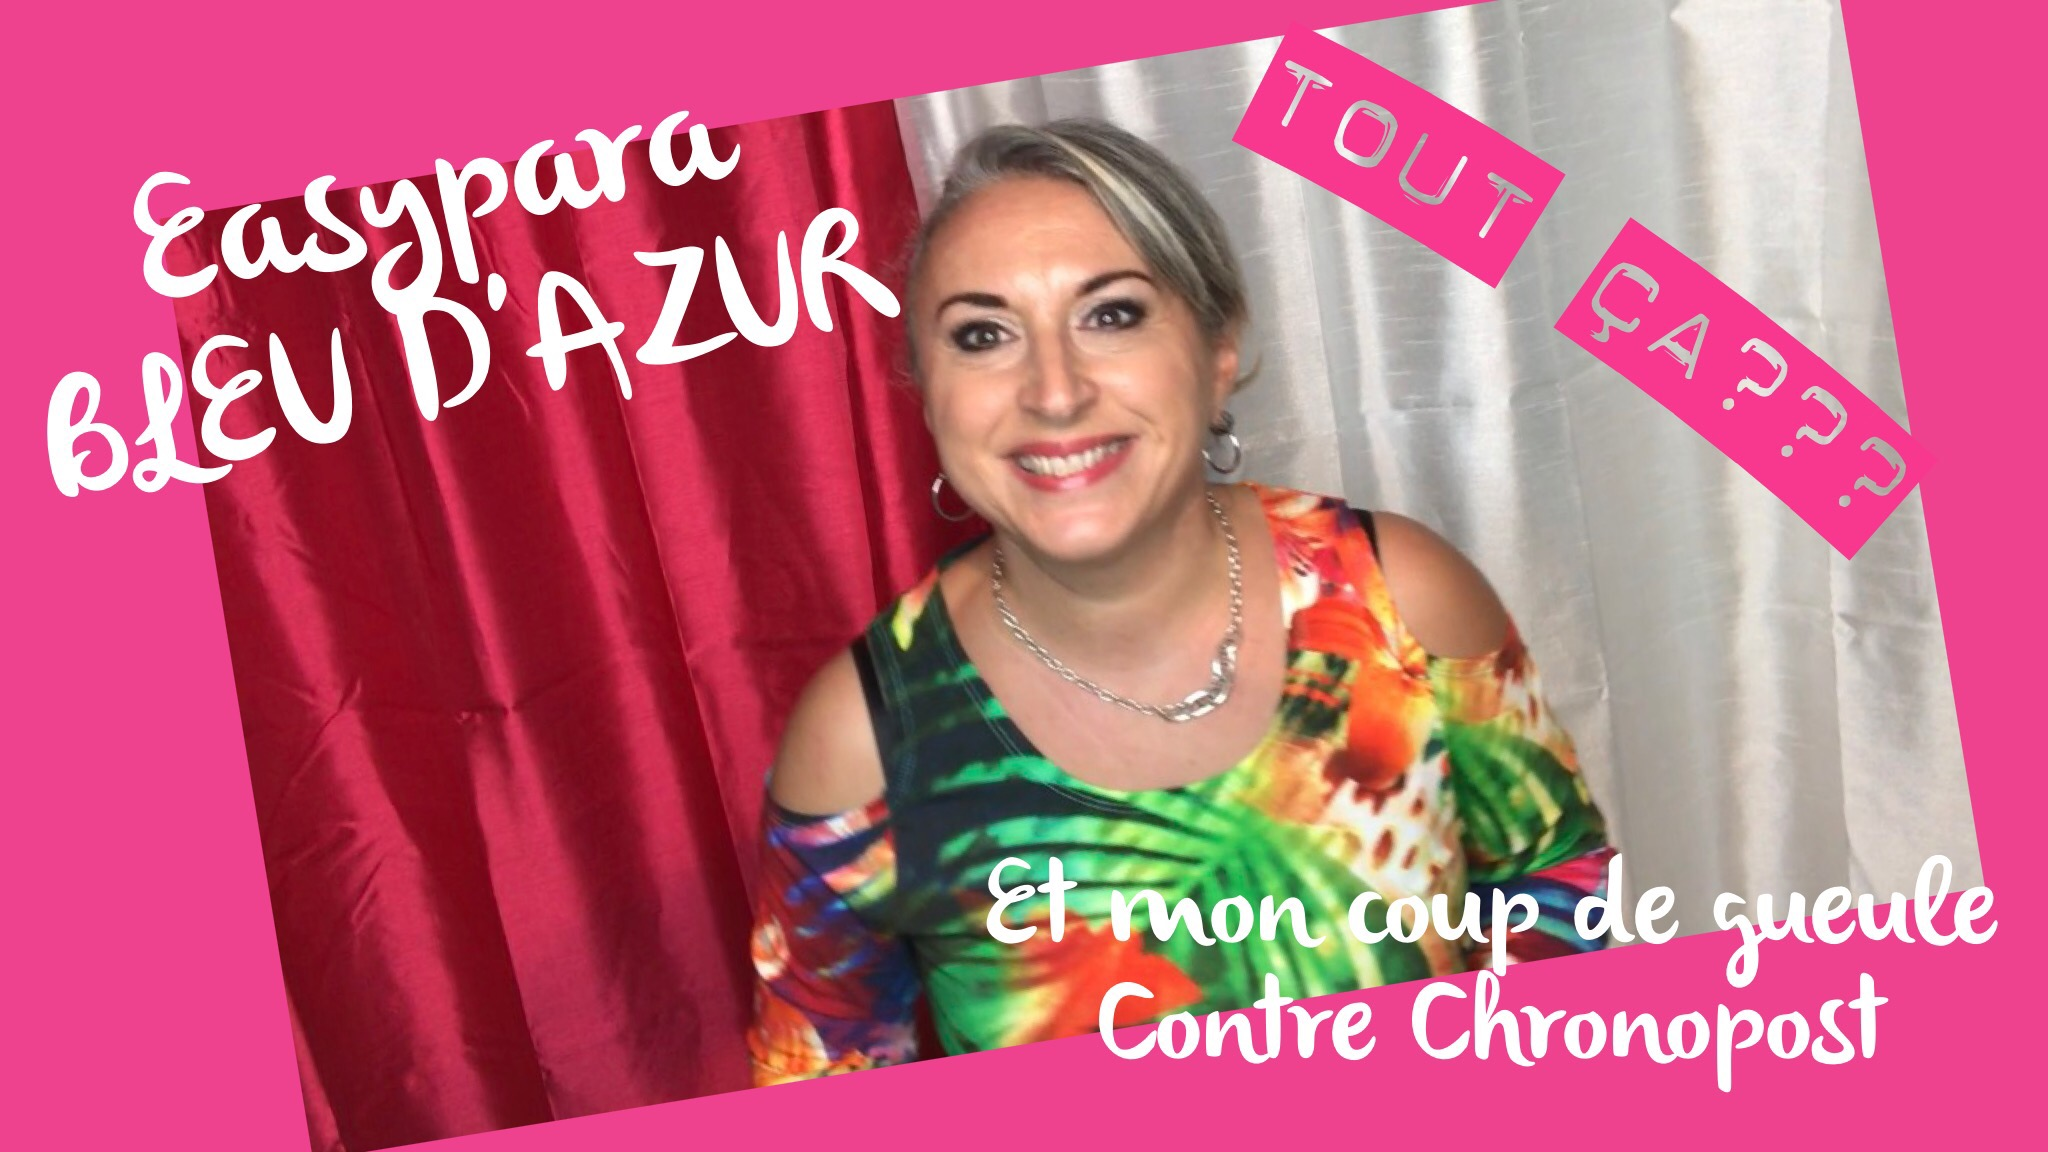 TheMouse sur YouTube: Haul Easypara, BLEU D'AZUR et coup de gueule contre Chronopost!